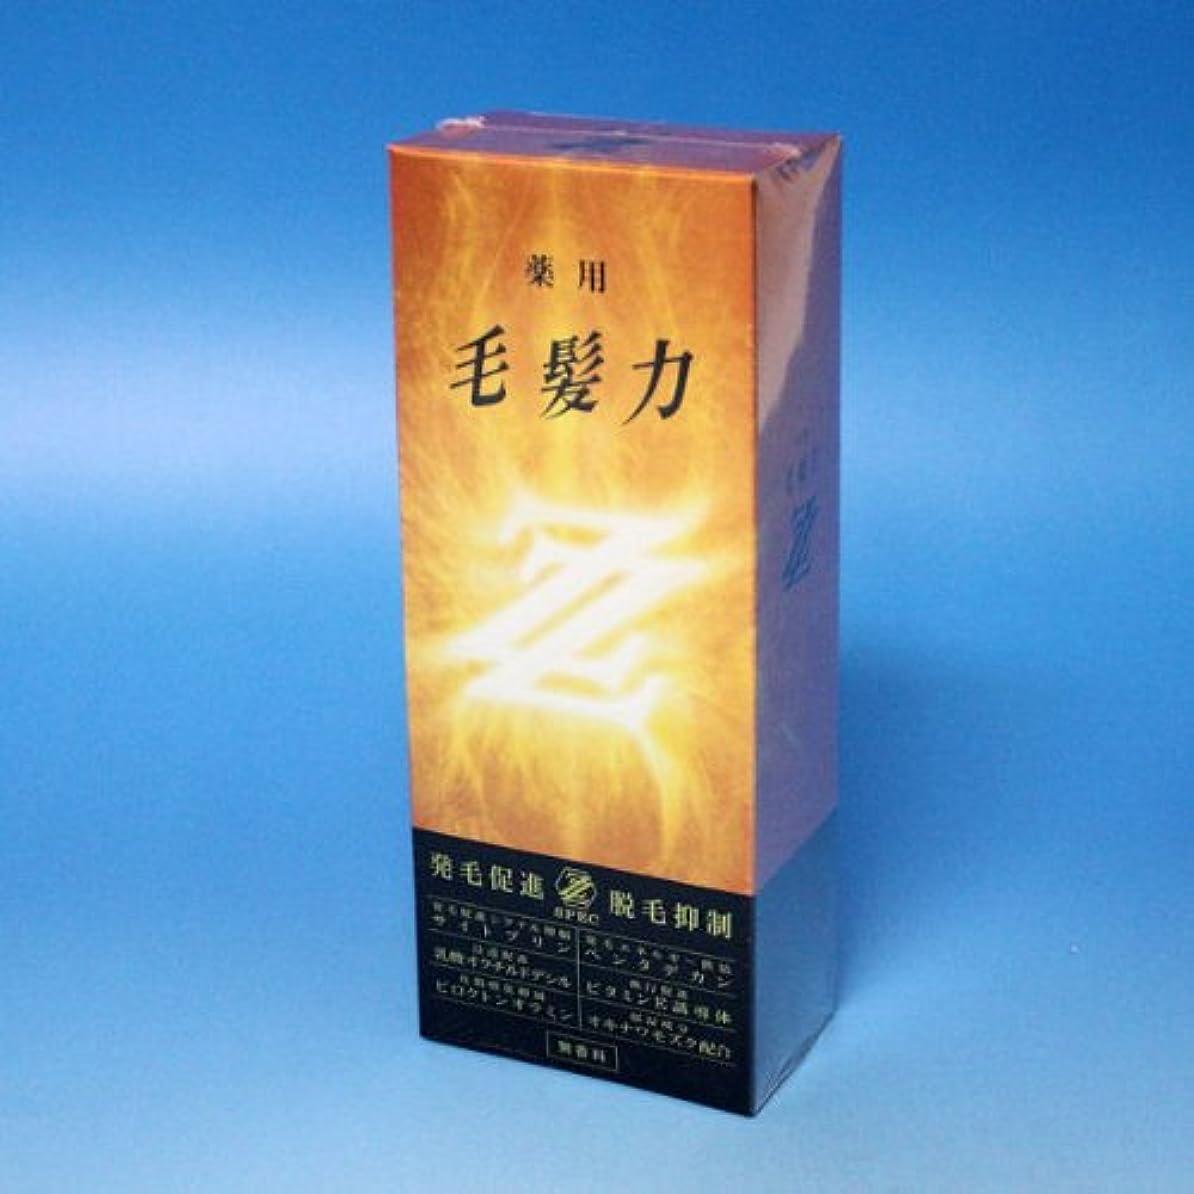 スピリチュアル火炎怖い《ライオン》 薬用 毛髪力ZZ(ダブルジー) 200ml 【医薬部外品】